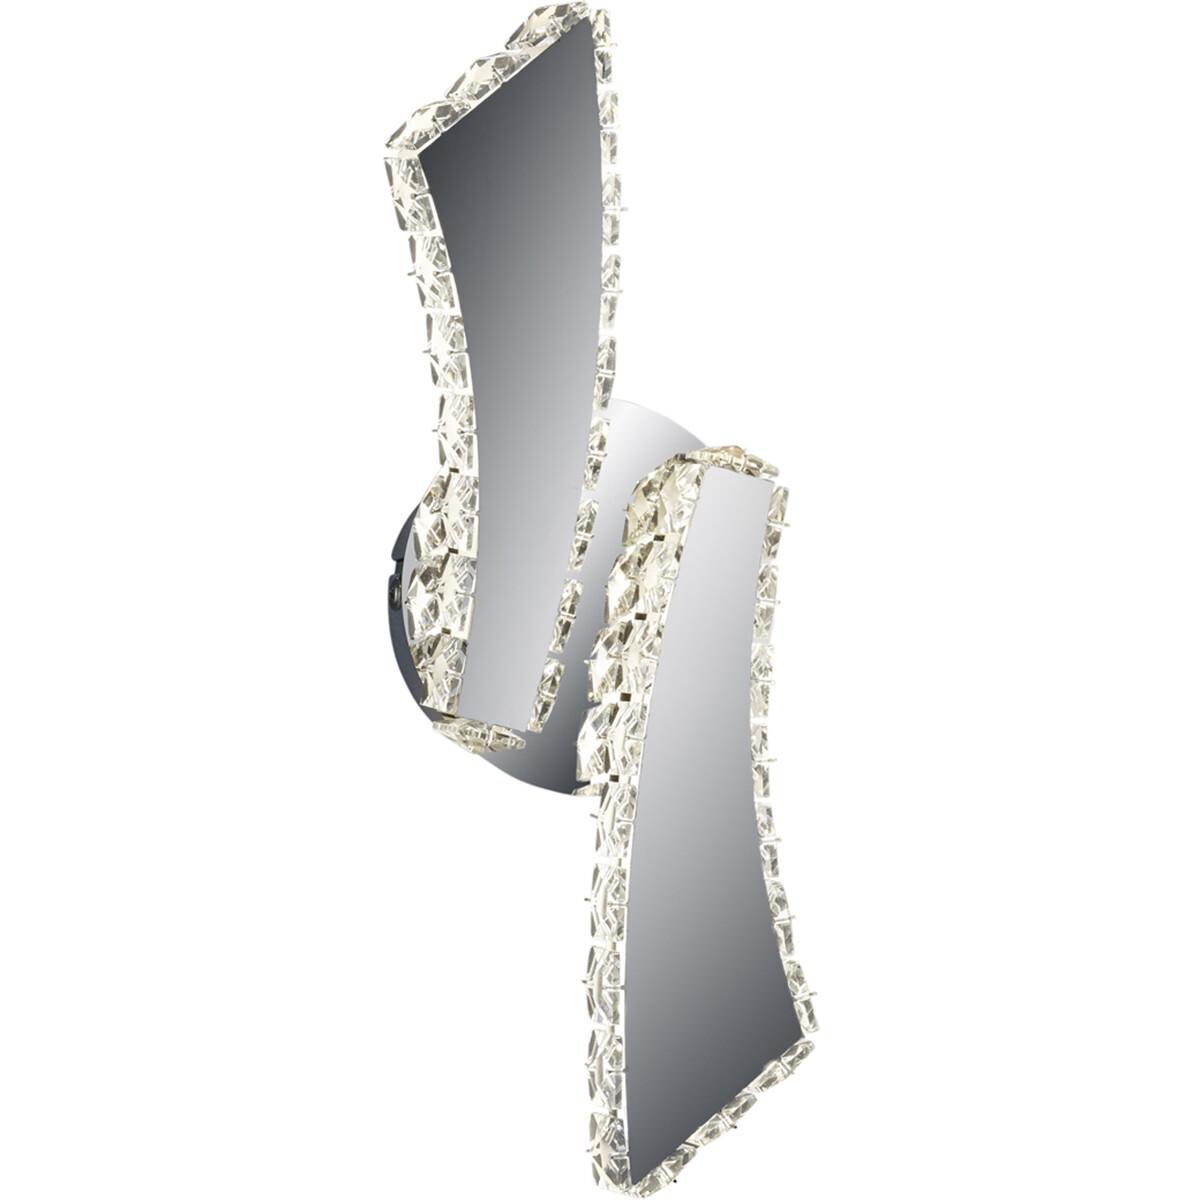 LED Wandlamp - Wandverlichting - Trion Pino - 30W - Aanpasbare Kleur - Rond - Mat Chroom - Aluminium